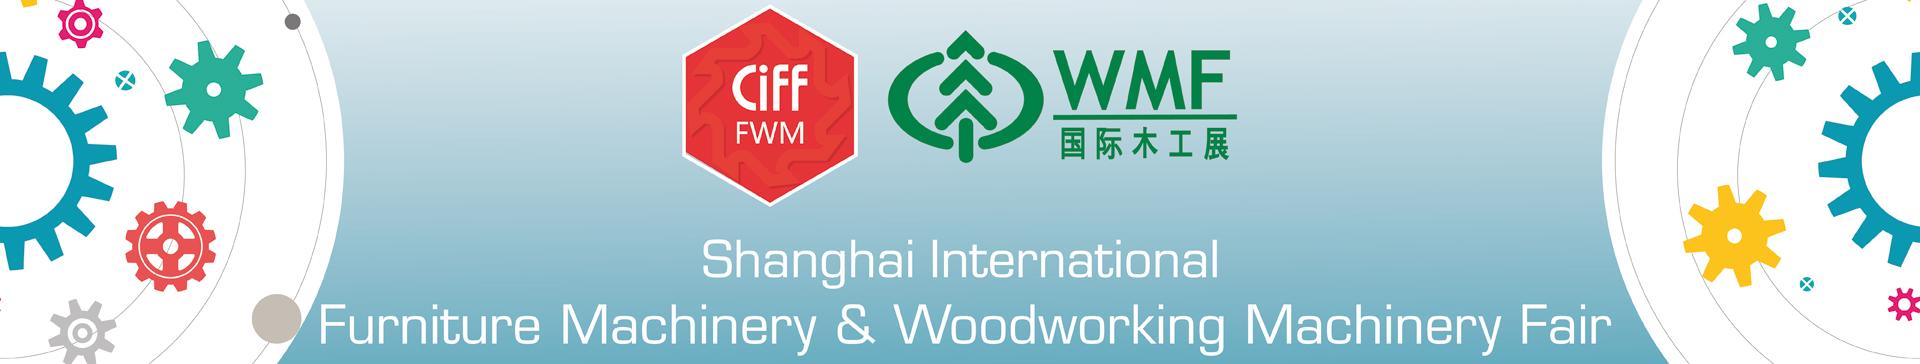 CIFF Shanghai 2018_CIFF-WMF_00